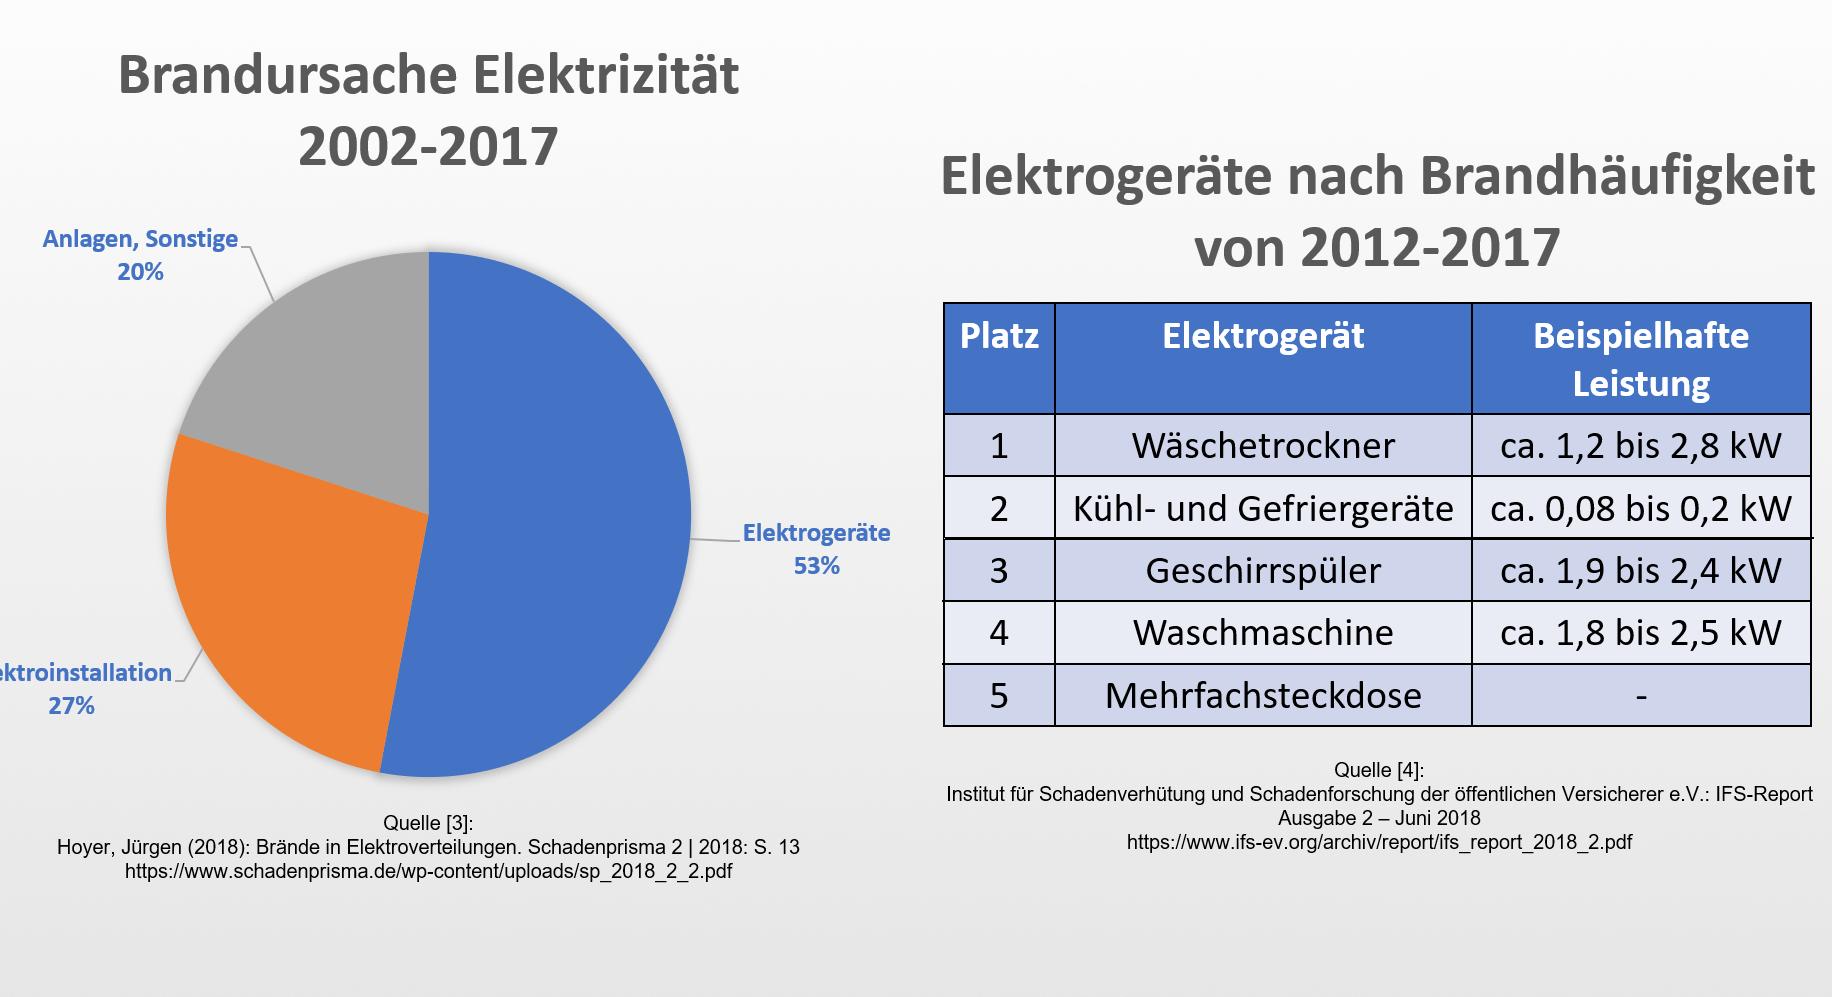 Brandhaufigkeit_Elektrogeraete